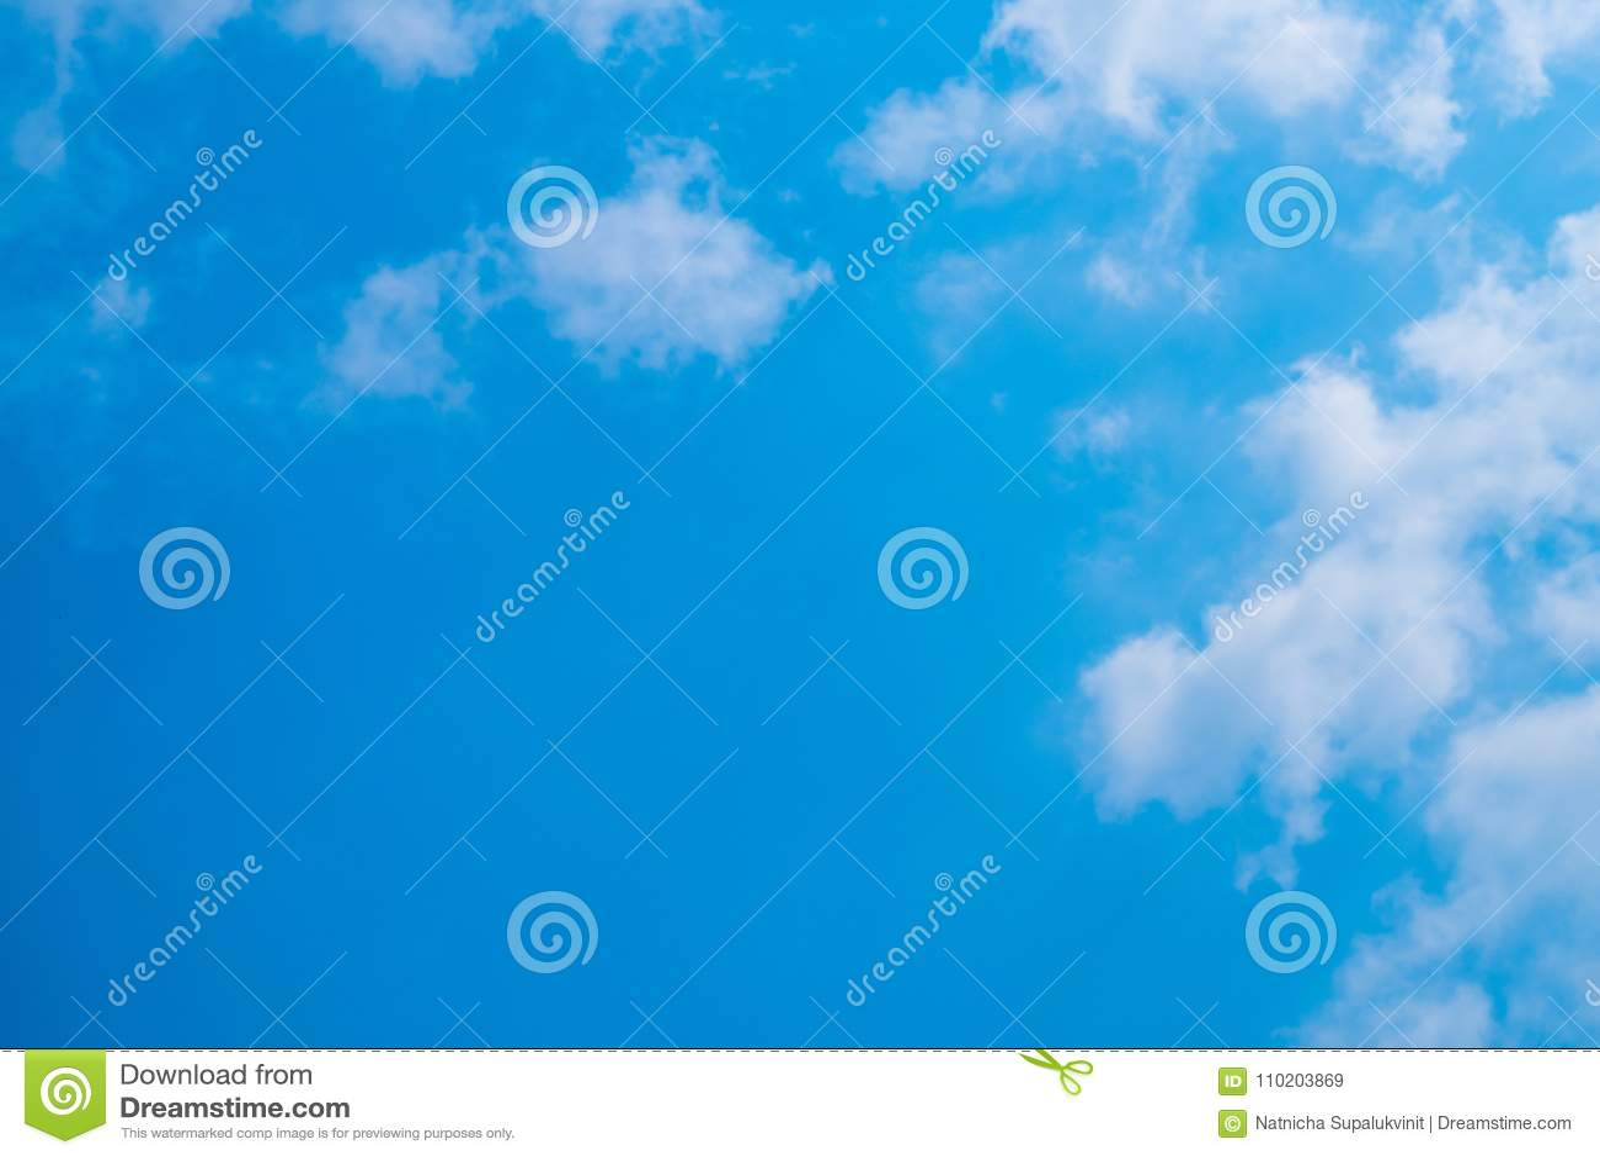 Μπλε ουρανός με τα σύννεφα για το υπόβαθρο